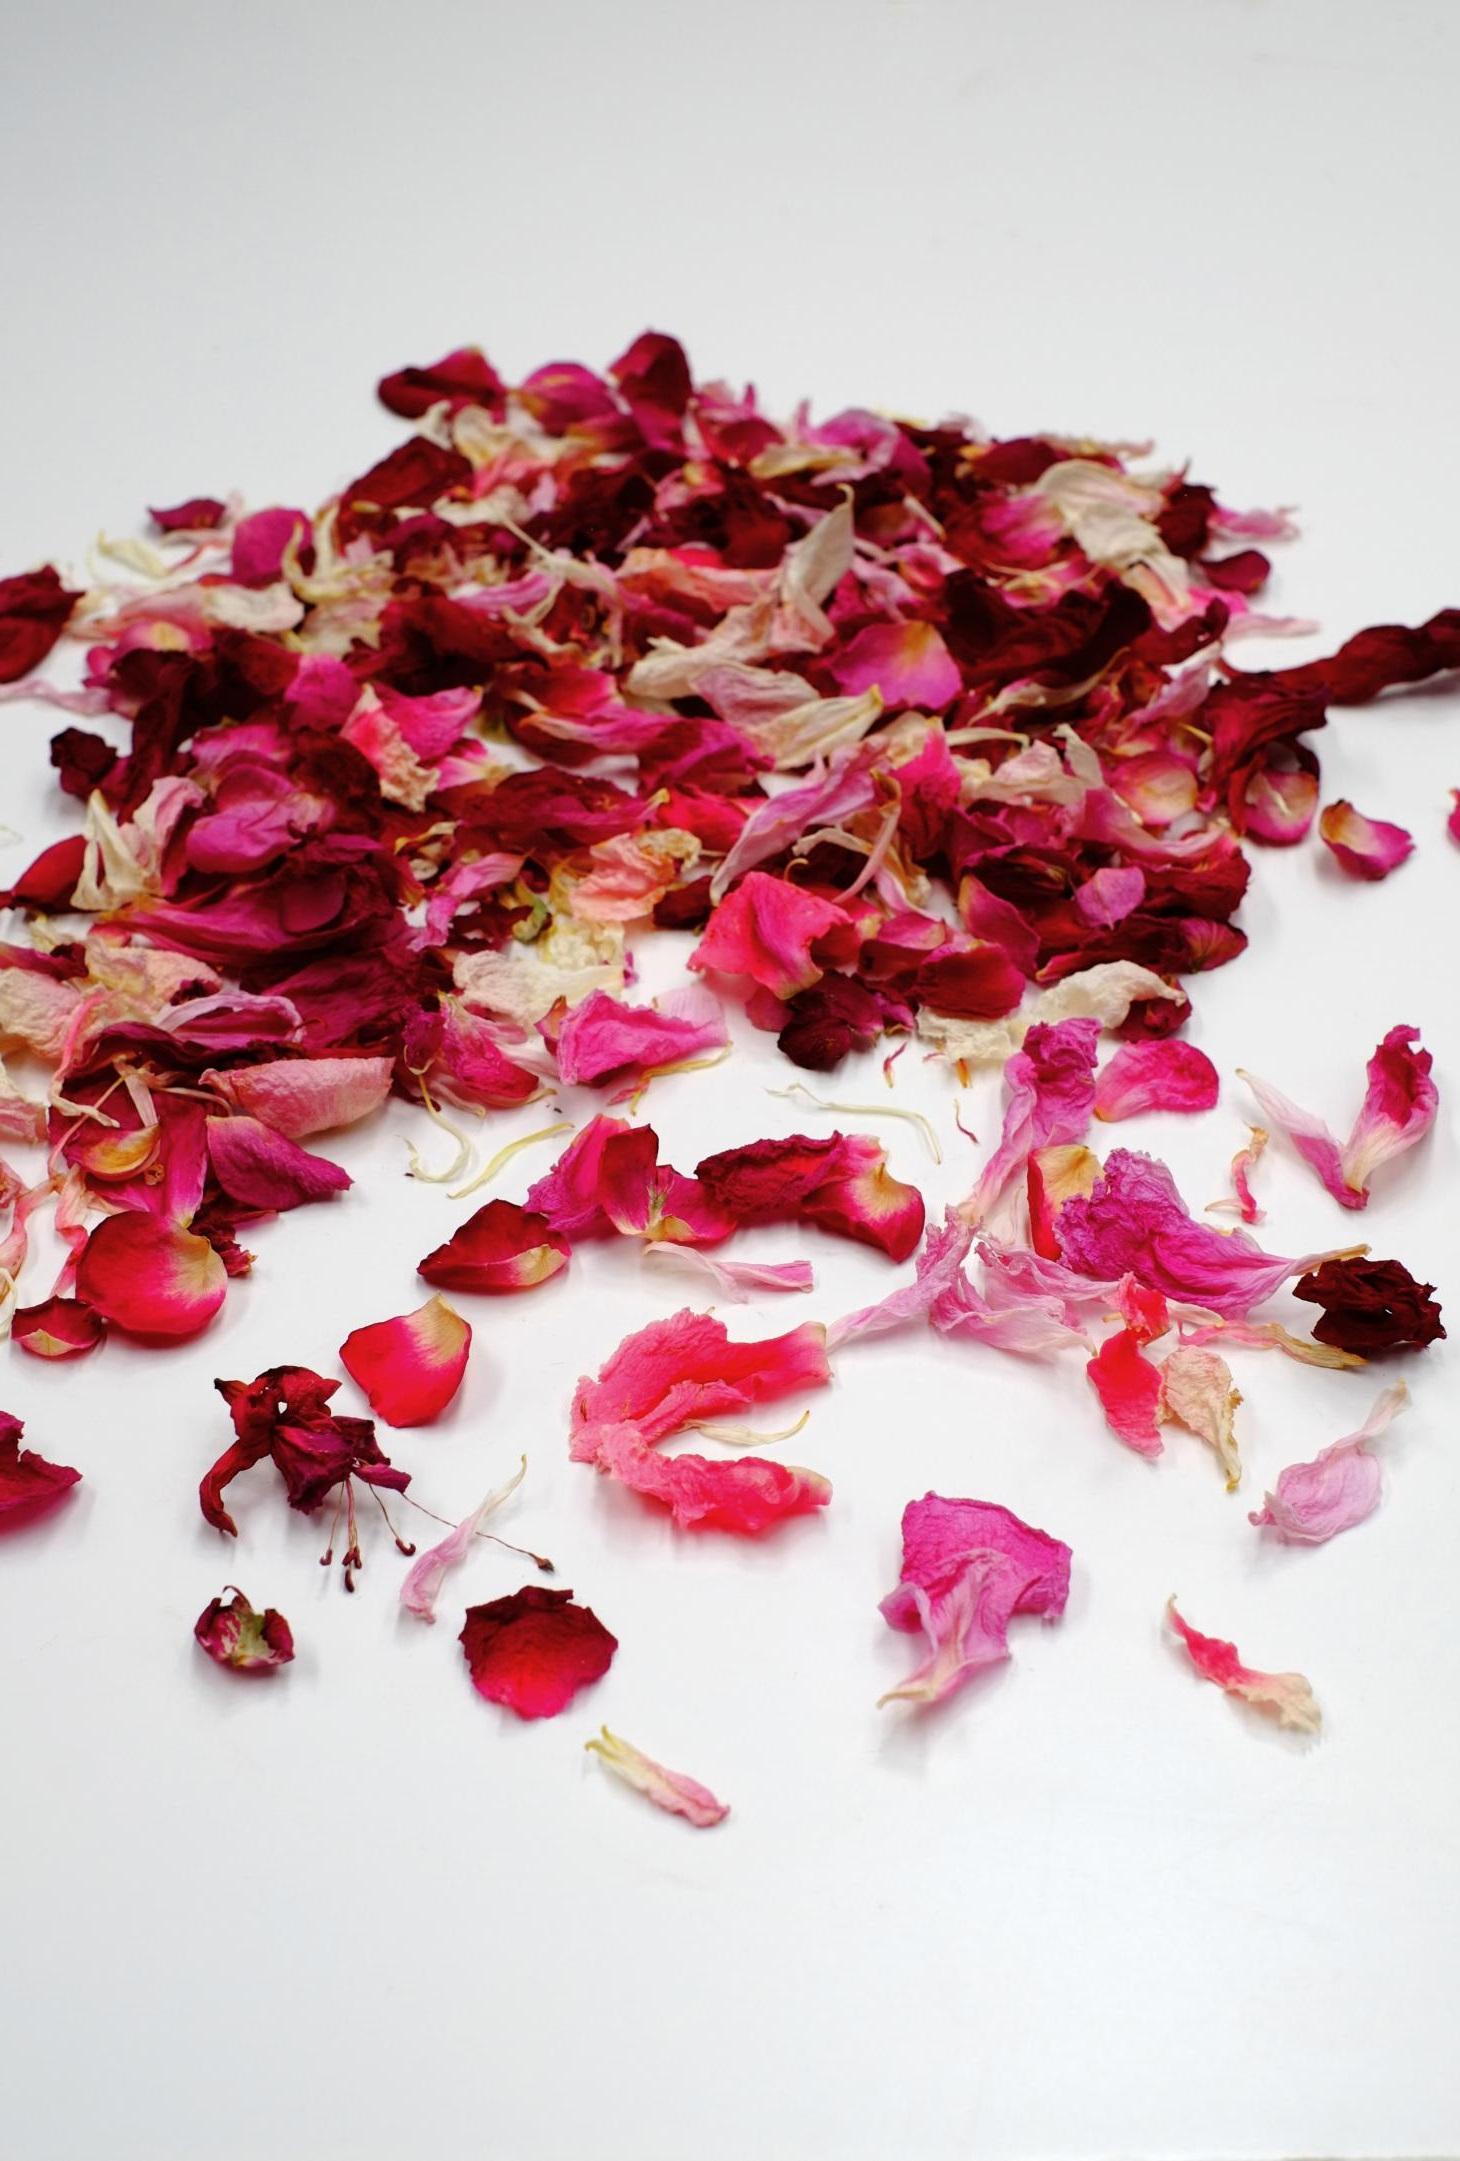 Pétales de rose séchés.